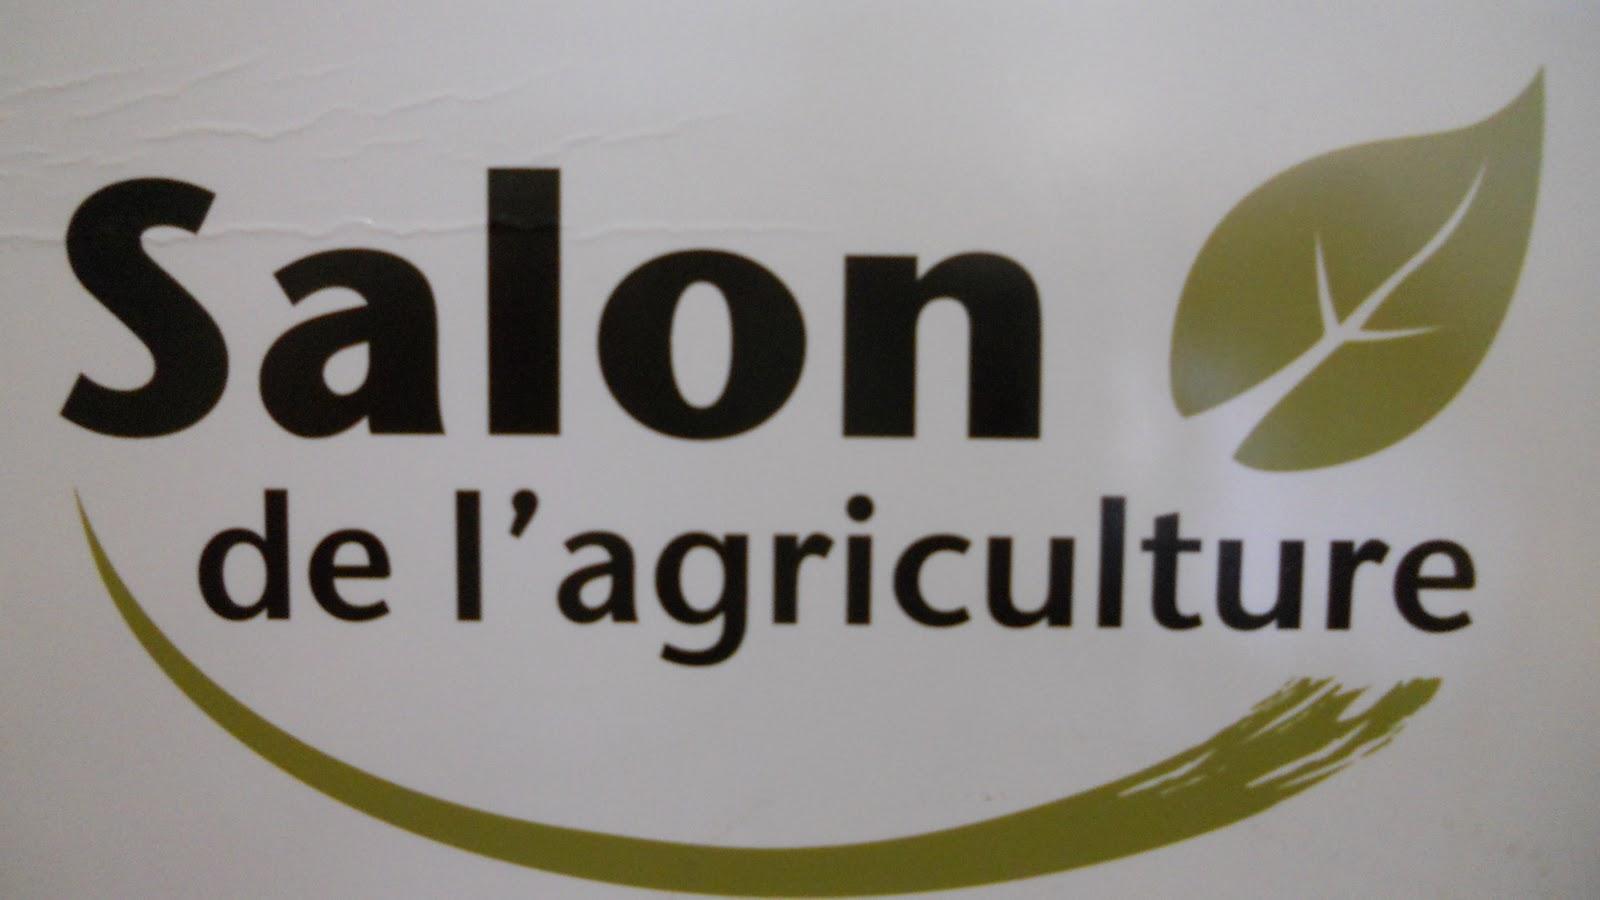 Province canadienne saint hyacinthe ville de l - Salon agroalimentaire ...